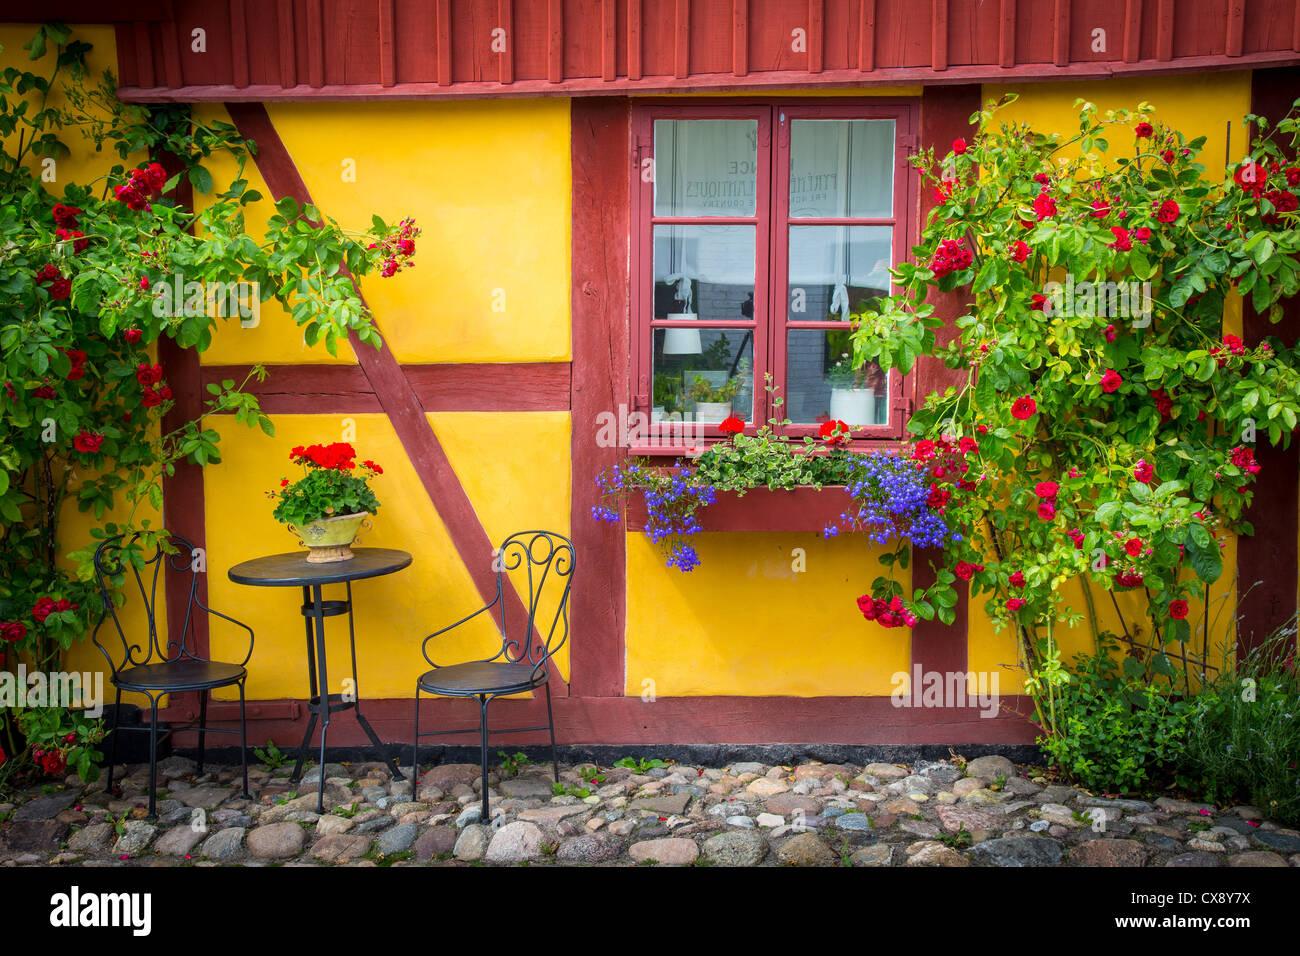 Un edificio tradizionale tipico della provincia meridionale di Scania in Svezia Immagini Stock